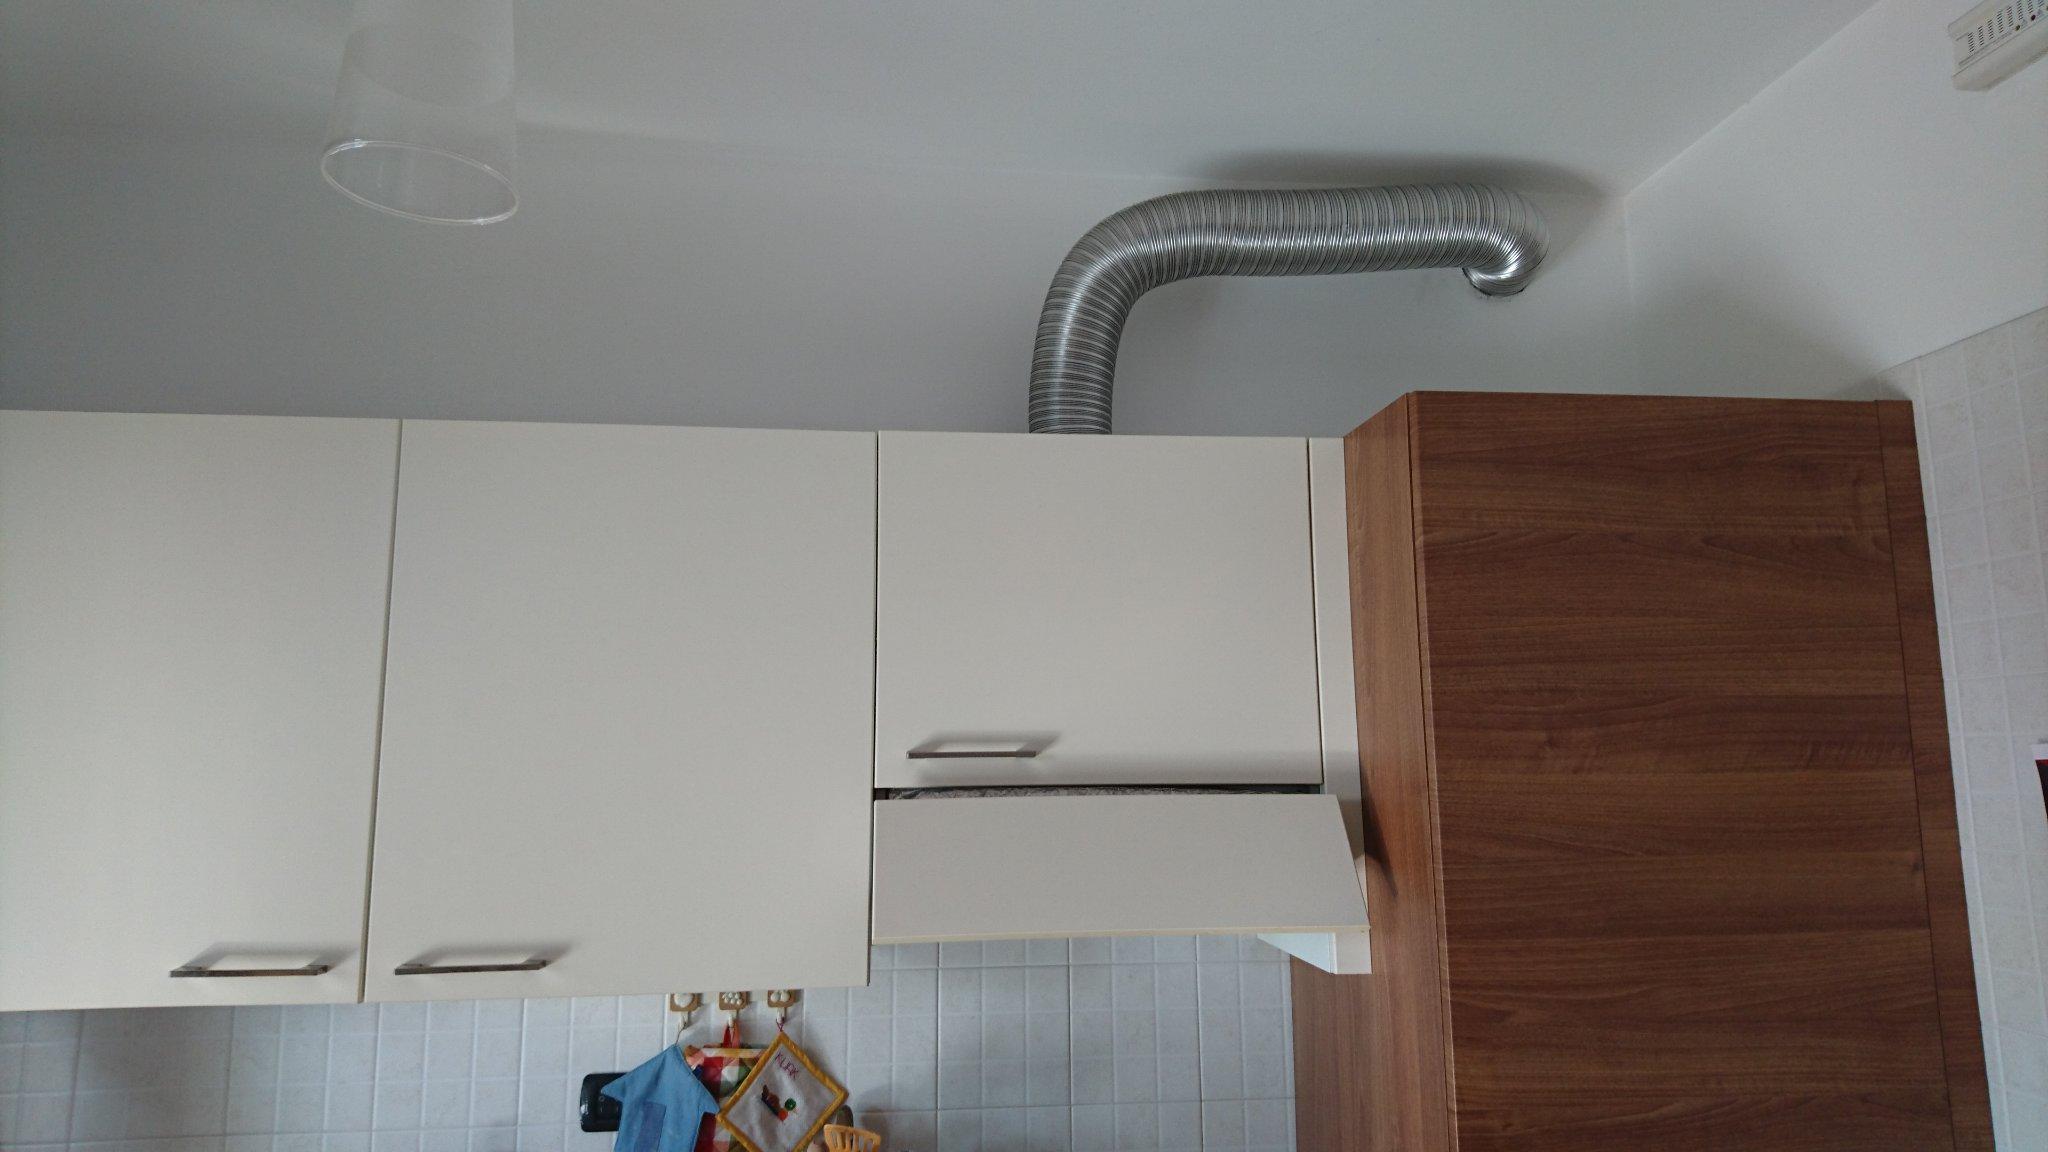 Tubi Per Cappa Cucina - Idee Per La Casa - Syafir.com